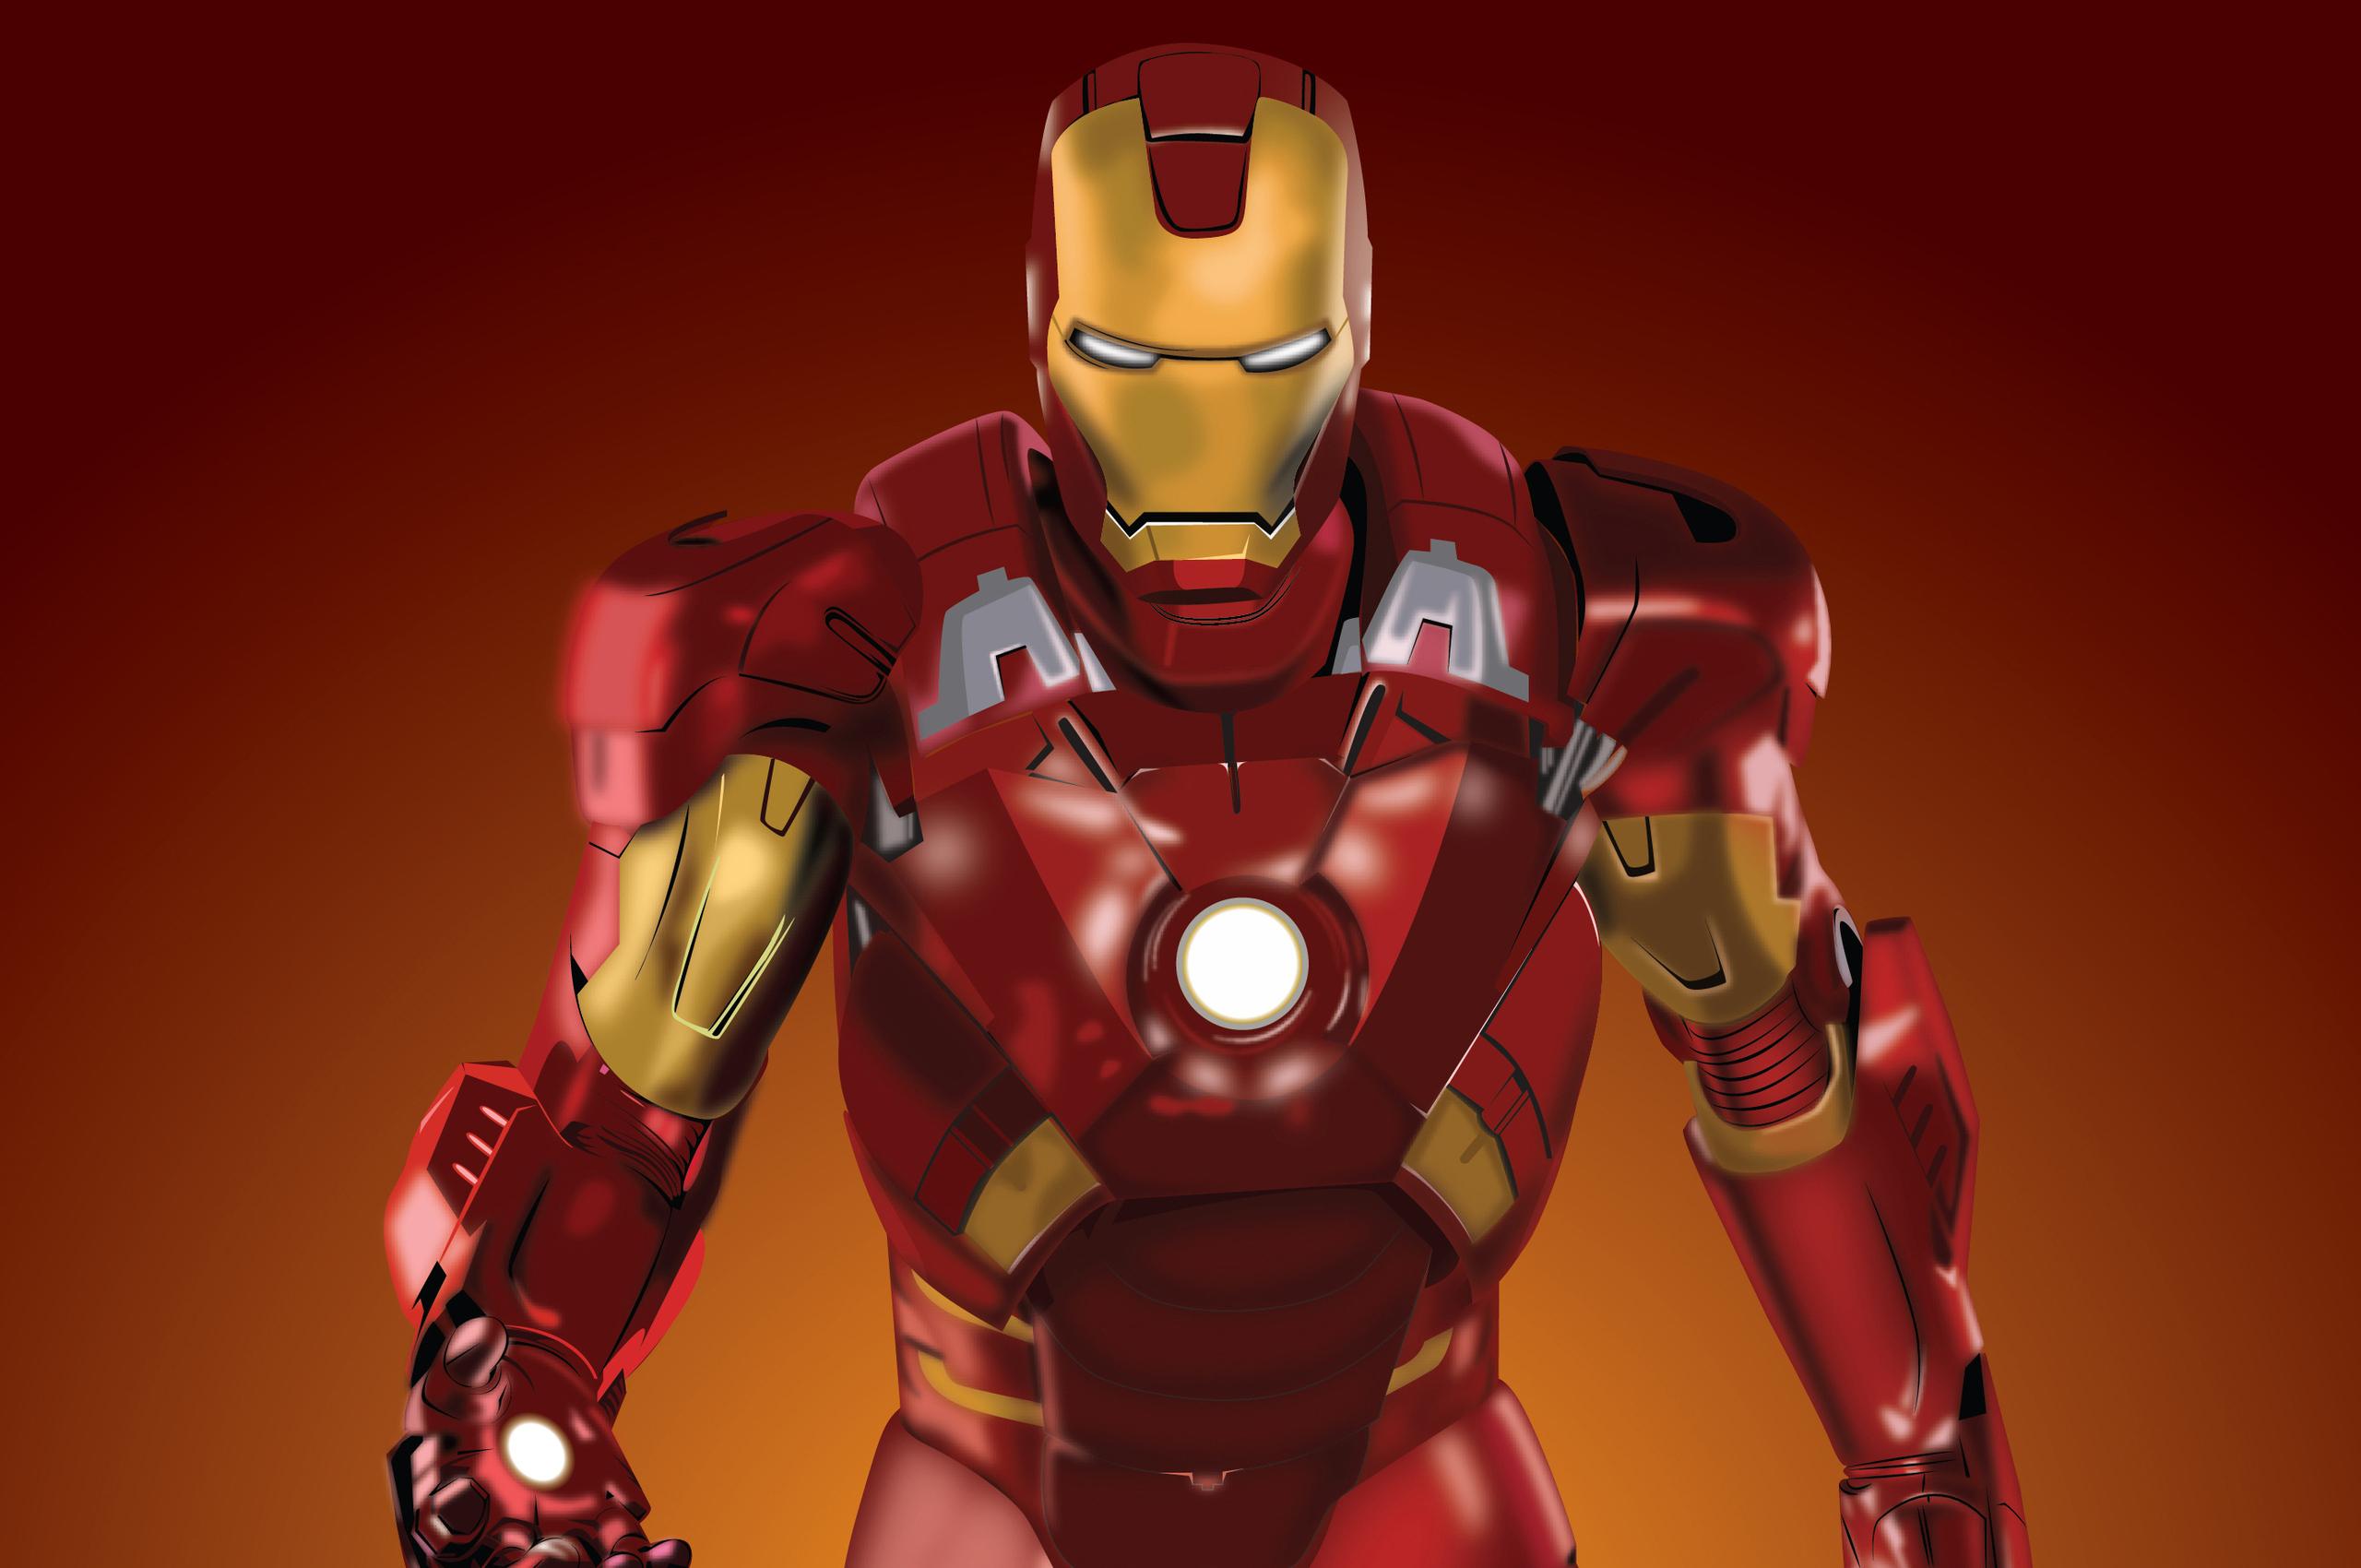 2560x1700 Iron Man Fan Art 4k Chromebook Pixel HD 4k